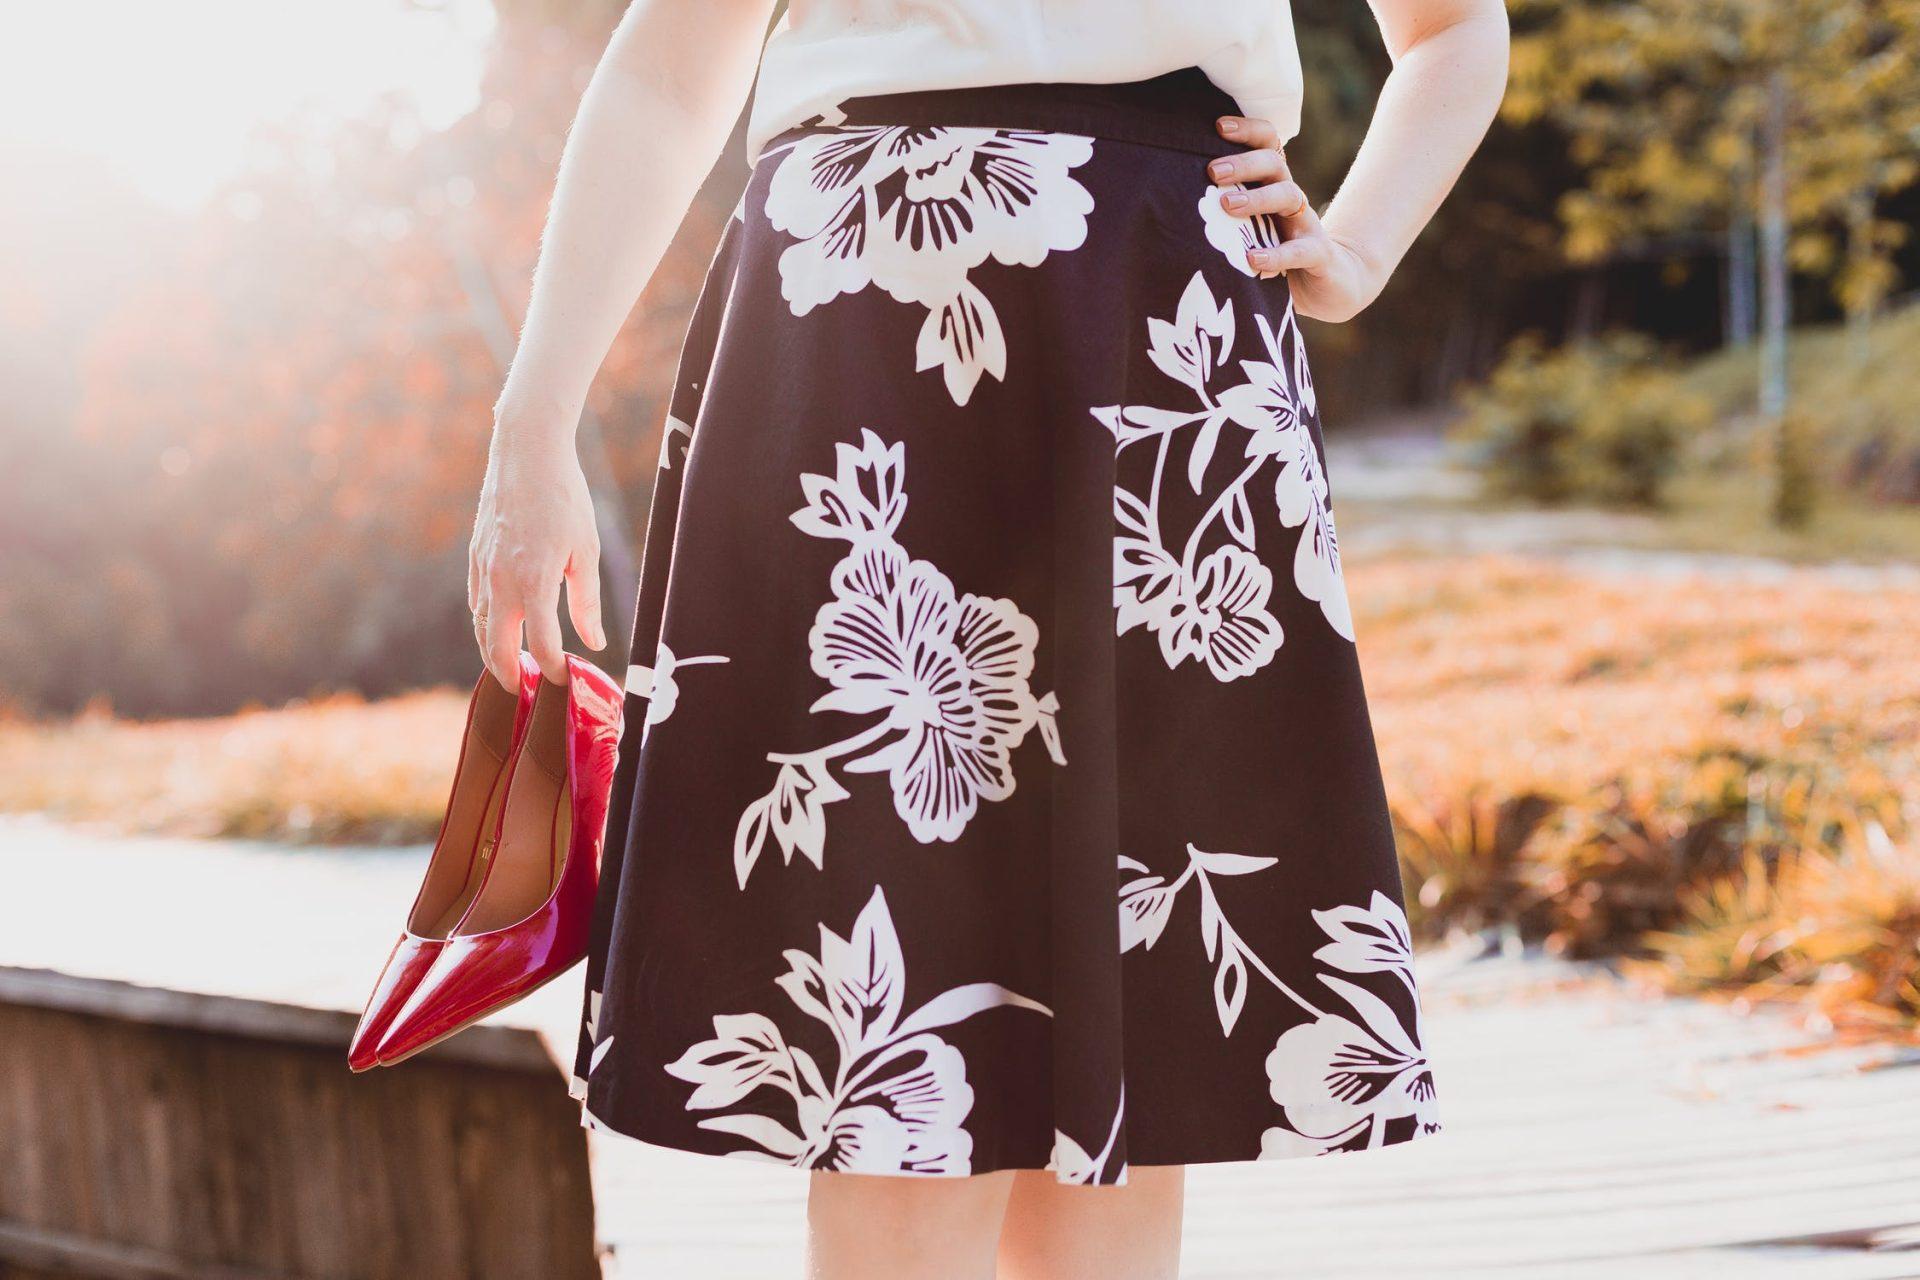 スカート丈の長さの種類を徹底解説!それぞれの長さに合ったコーデをご紹介! アイキャッチ画像